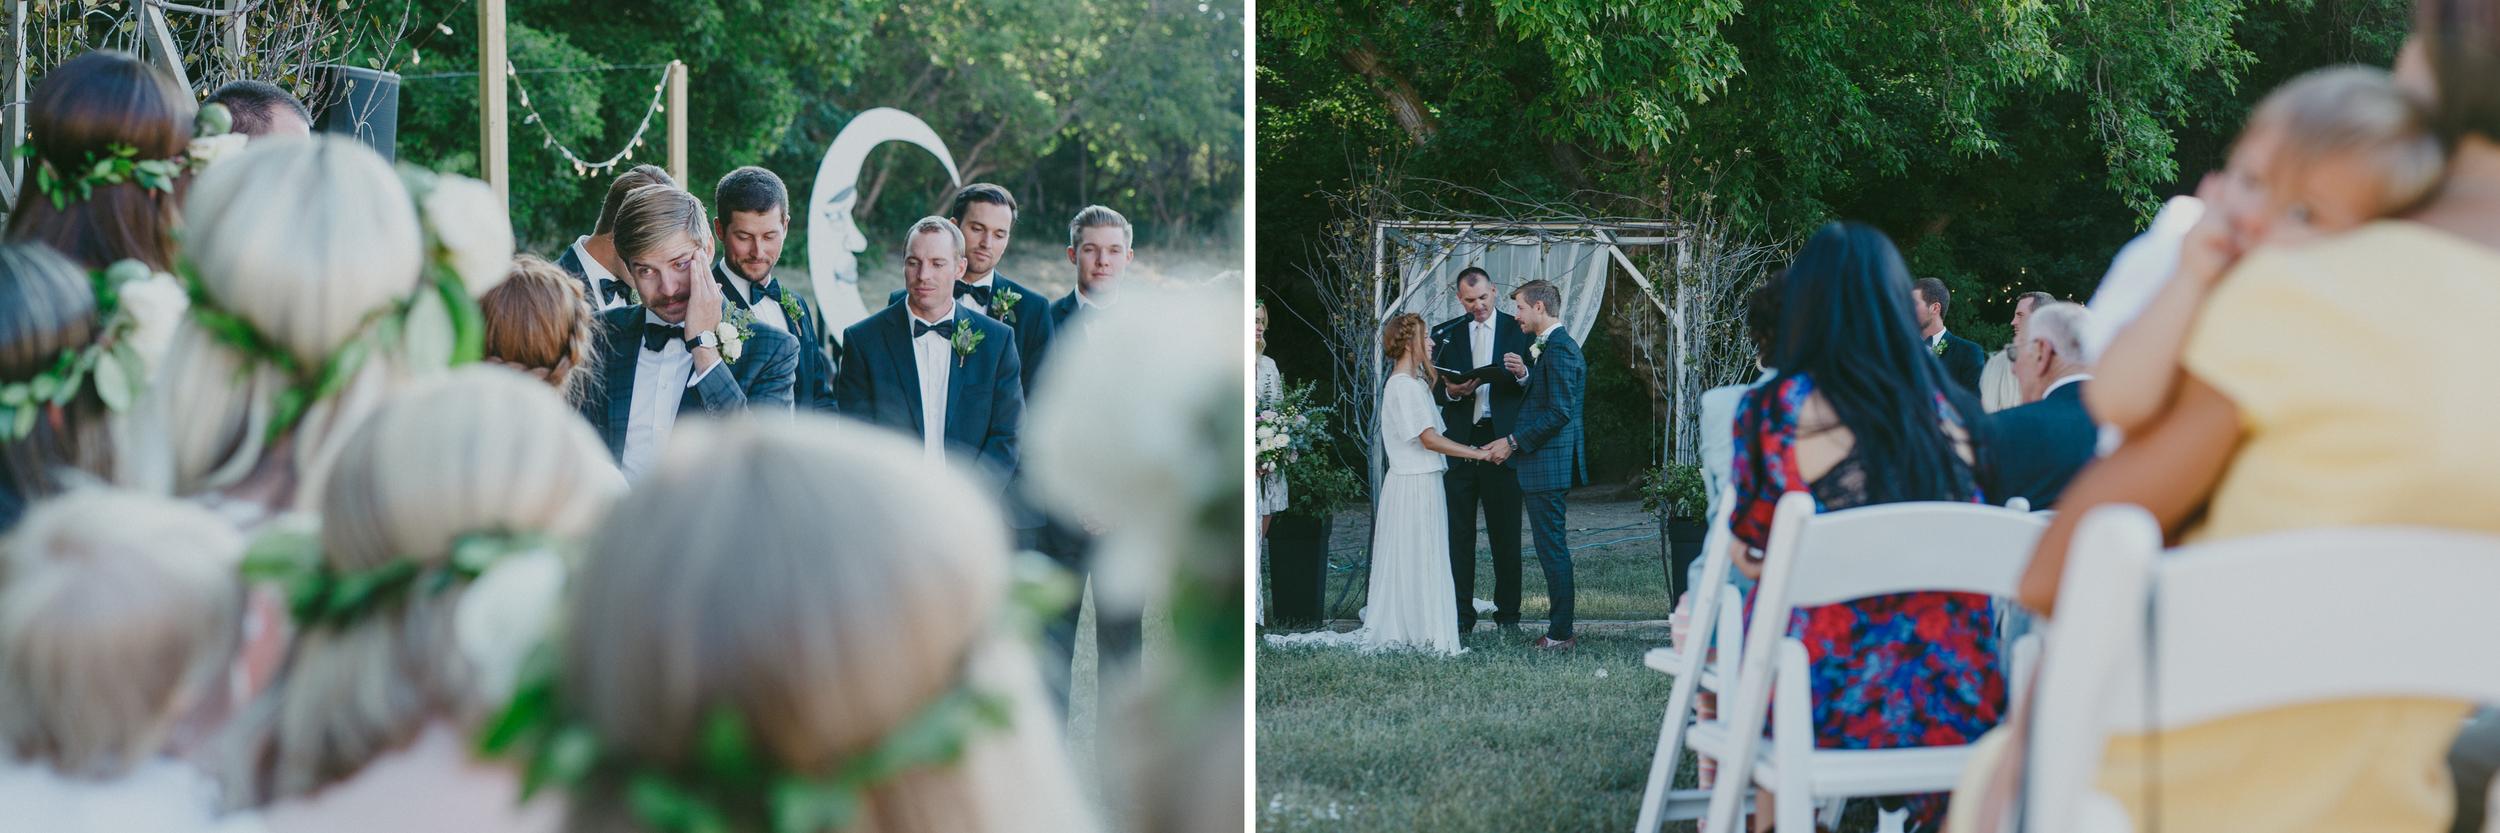 Salt-Lake-City-Utah-Wedding-014.jpg